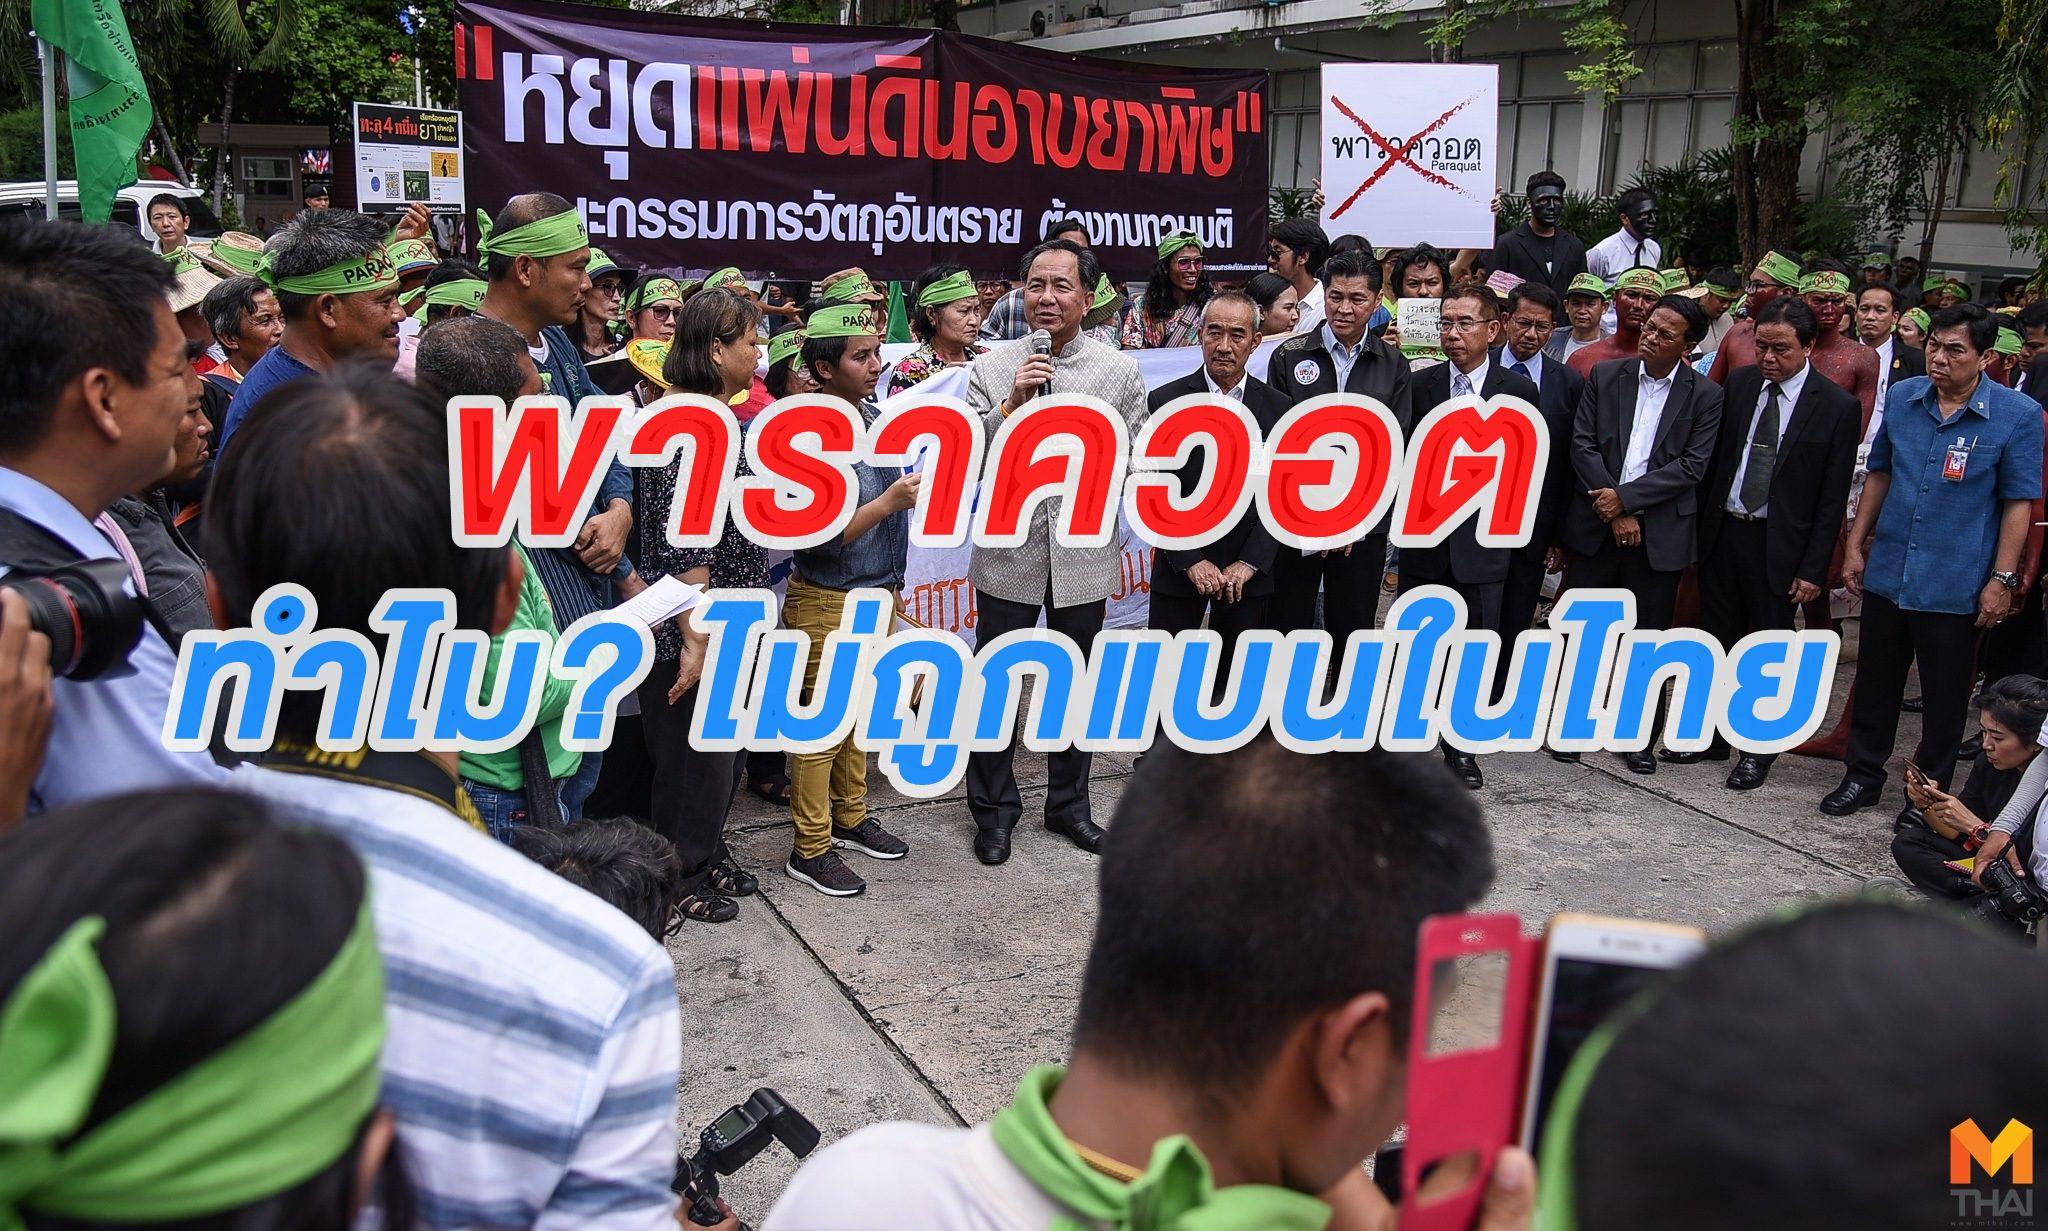 พาราควอต หรือ กรัมม็อกโซน ถูกแบนมากถึง 51 ประเทศ แต่ทำไมไทยเรายังใช้กันอยู่?